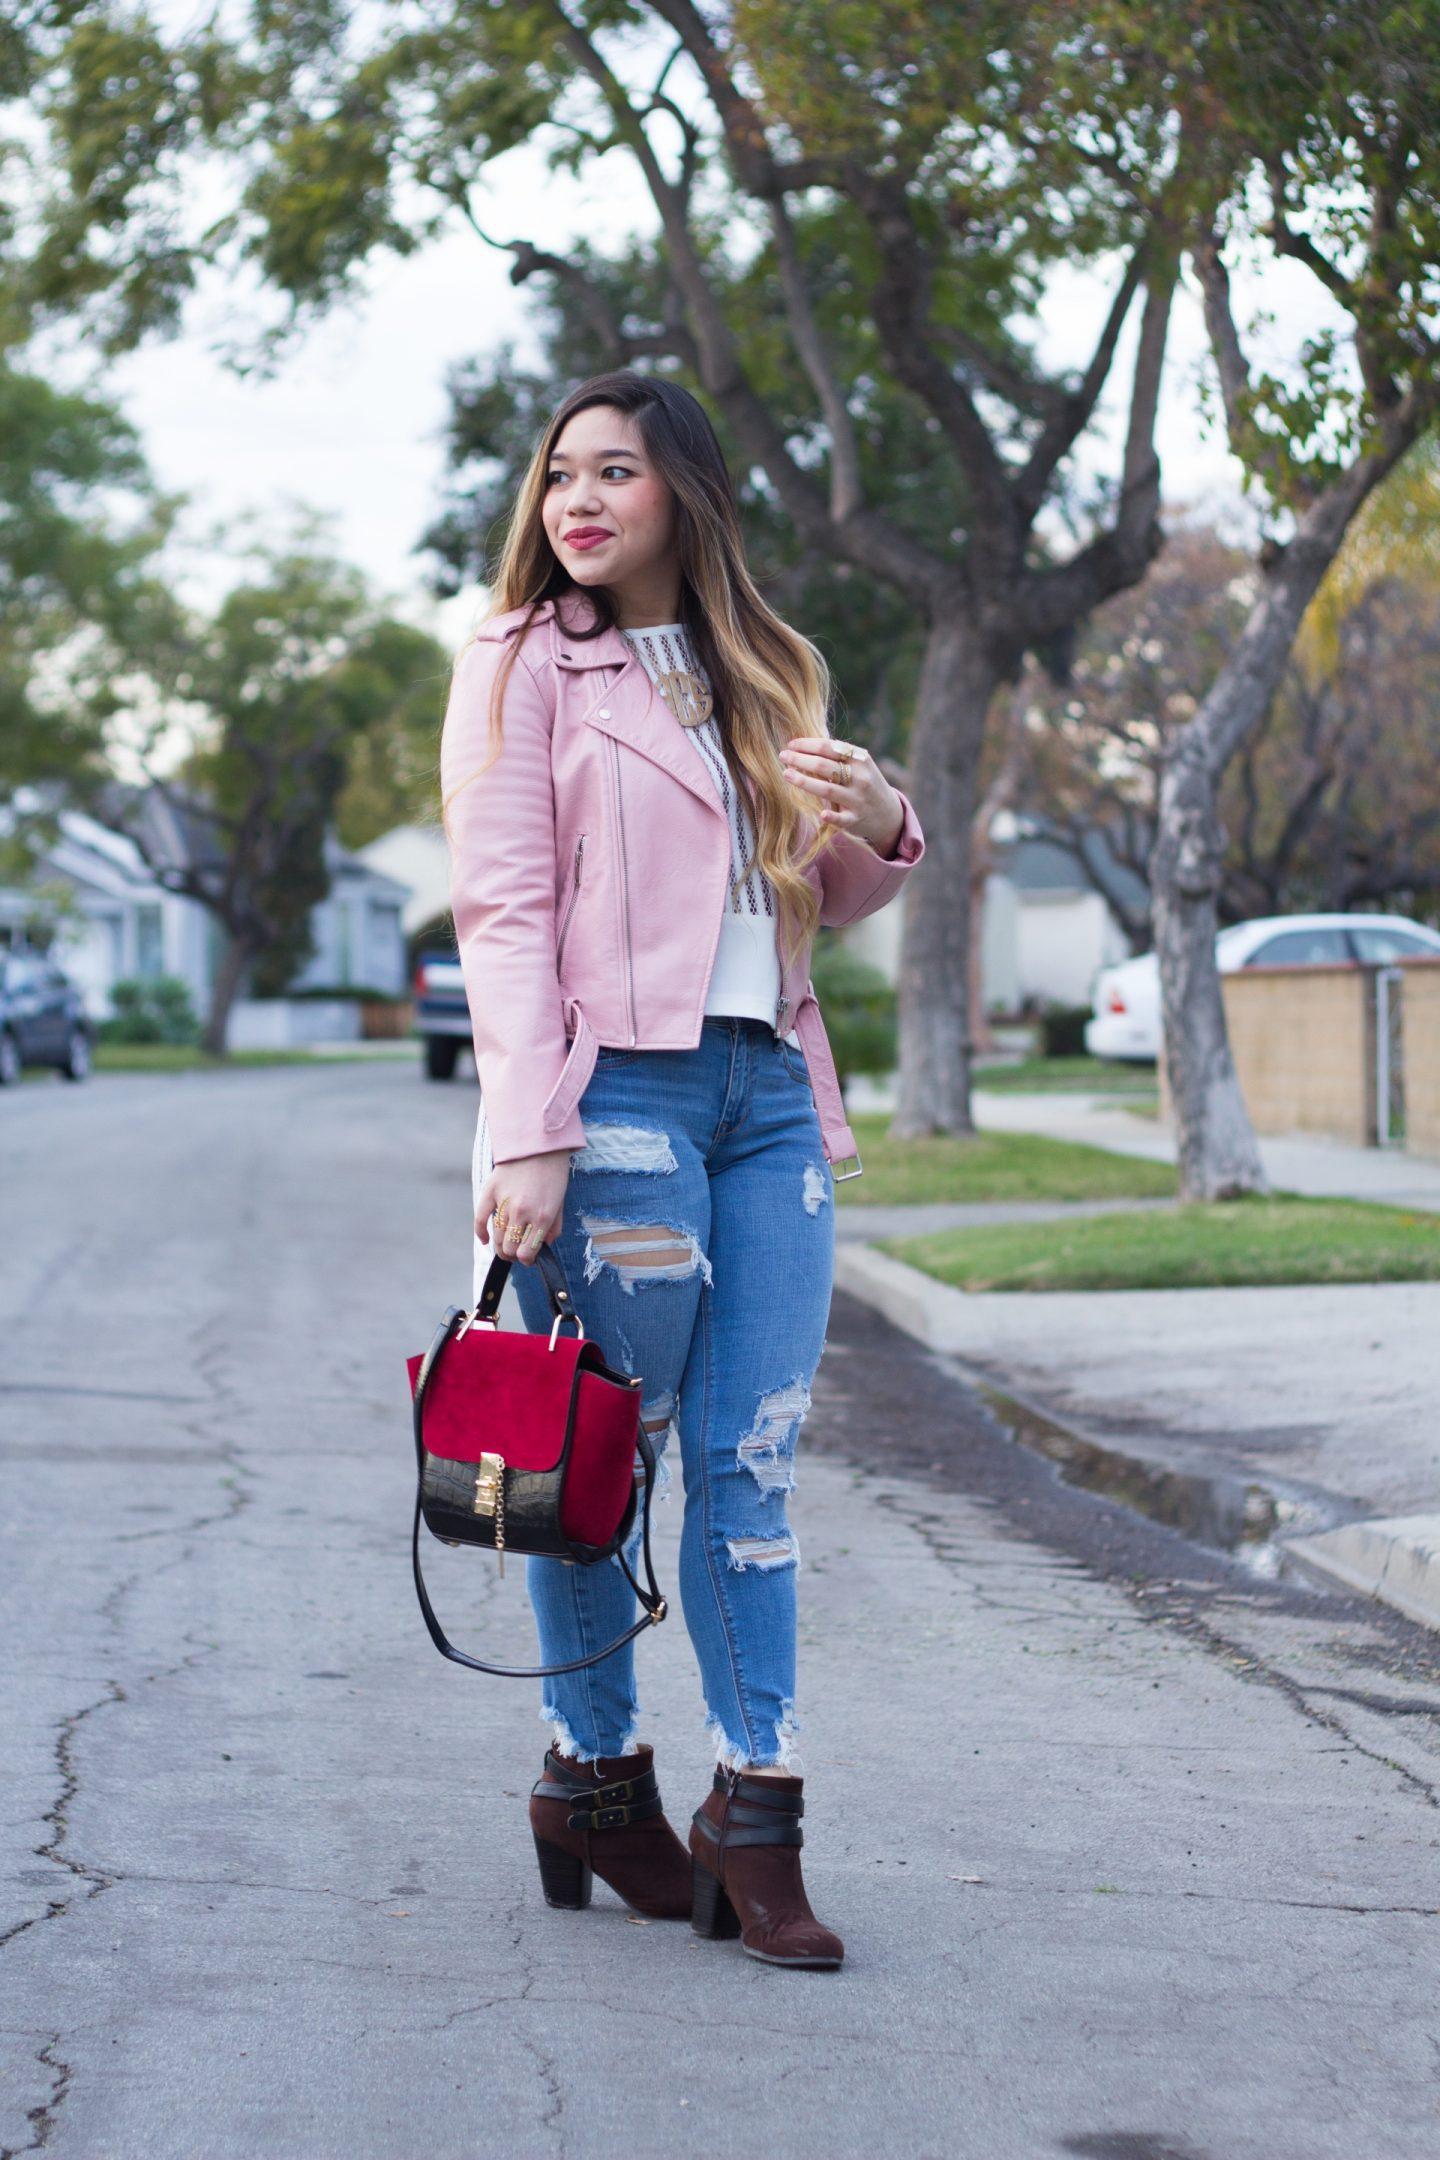 Raw Hem Jeans + Pink Faux Leather Jacket